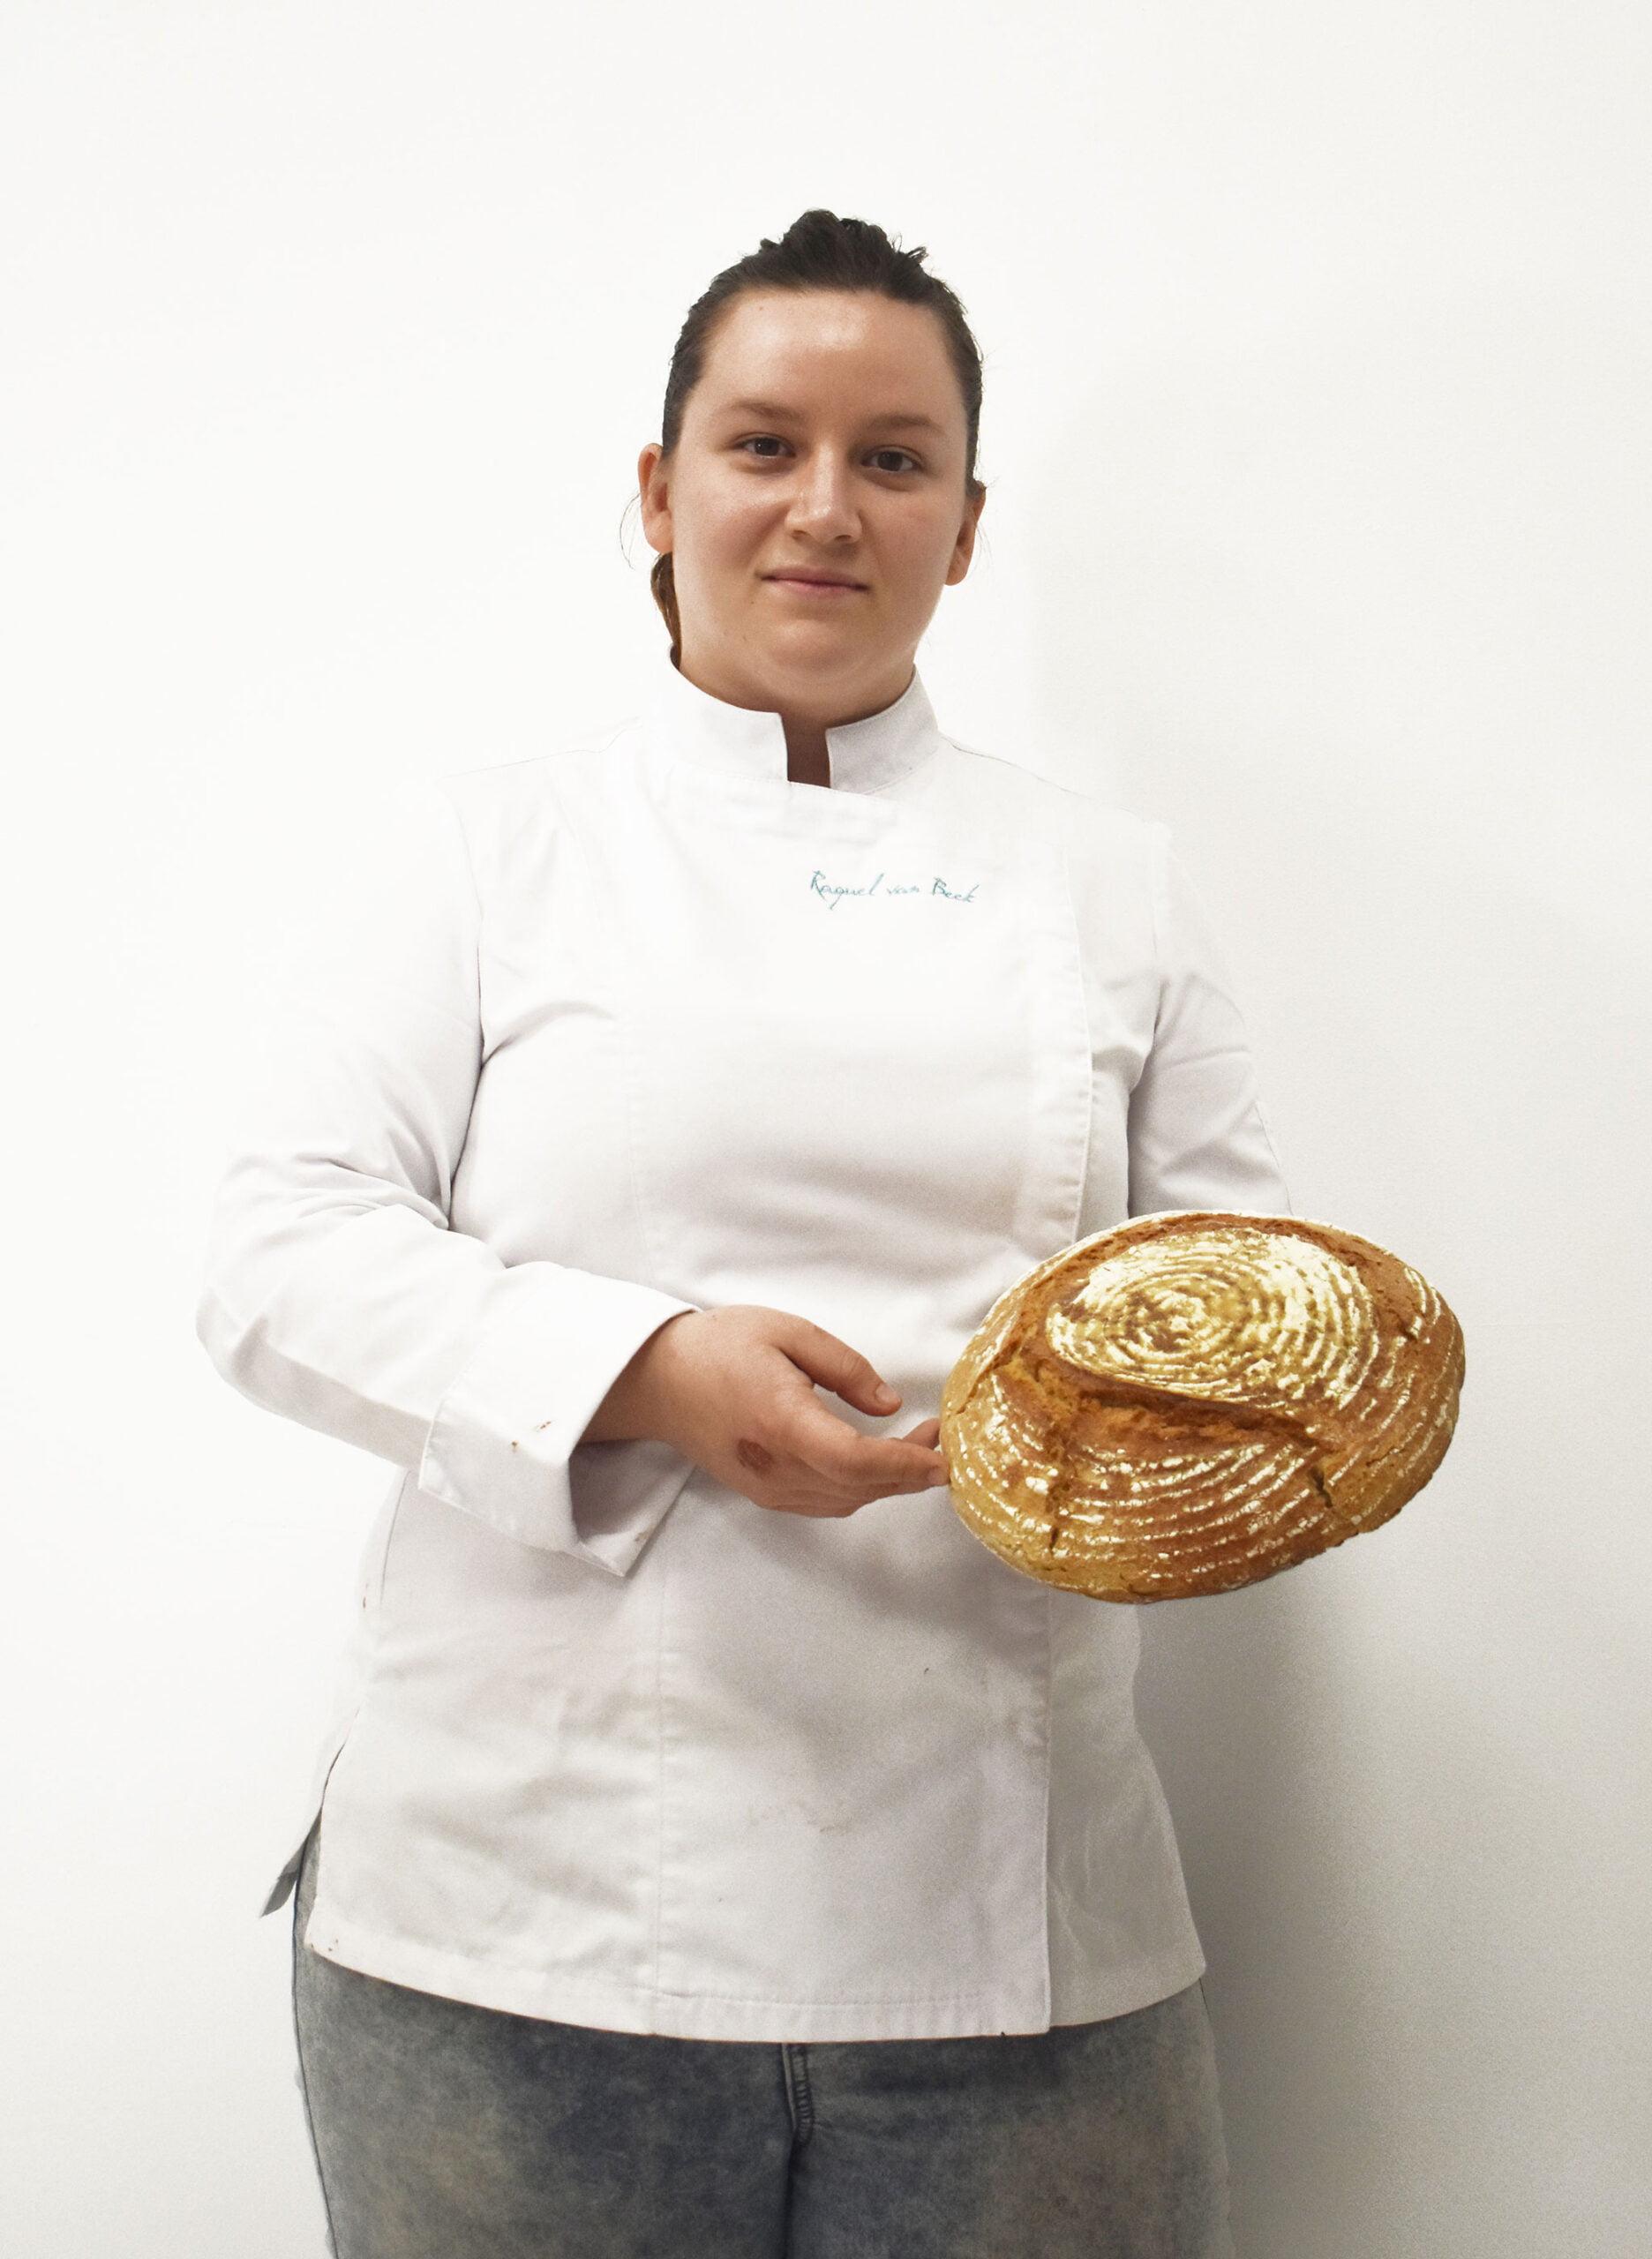 Comprar buen pan en Dénia – Beekery